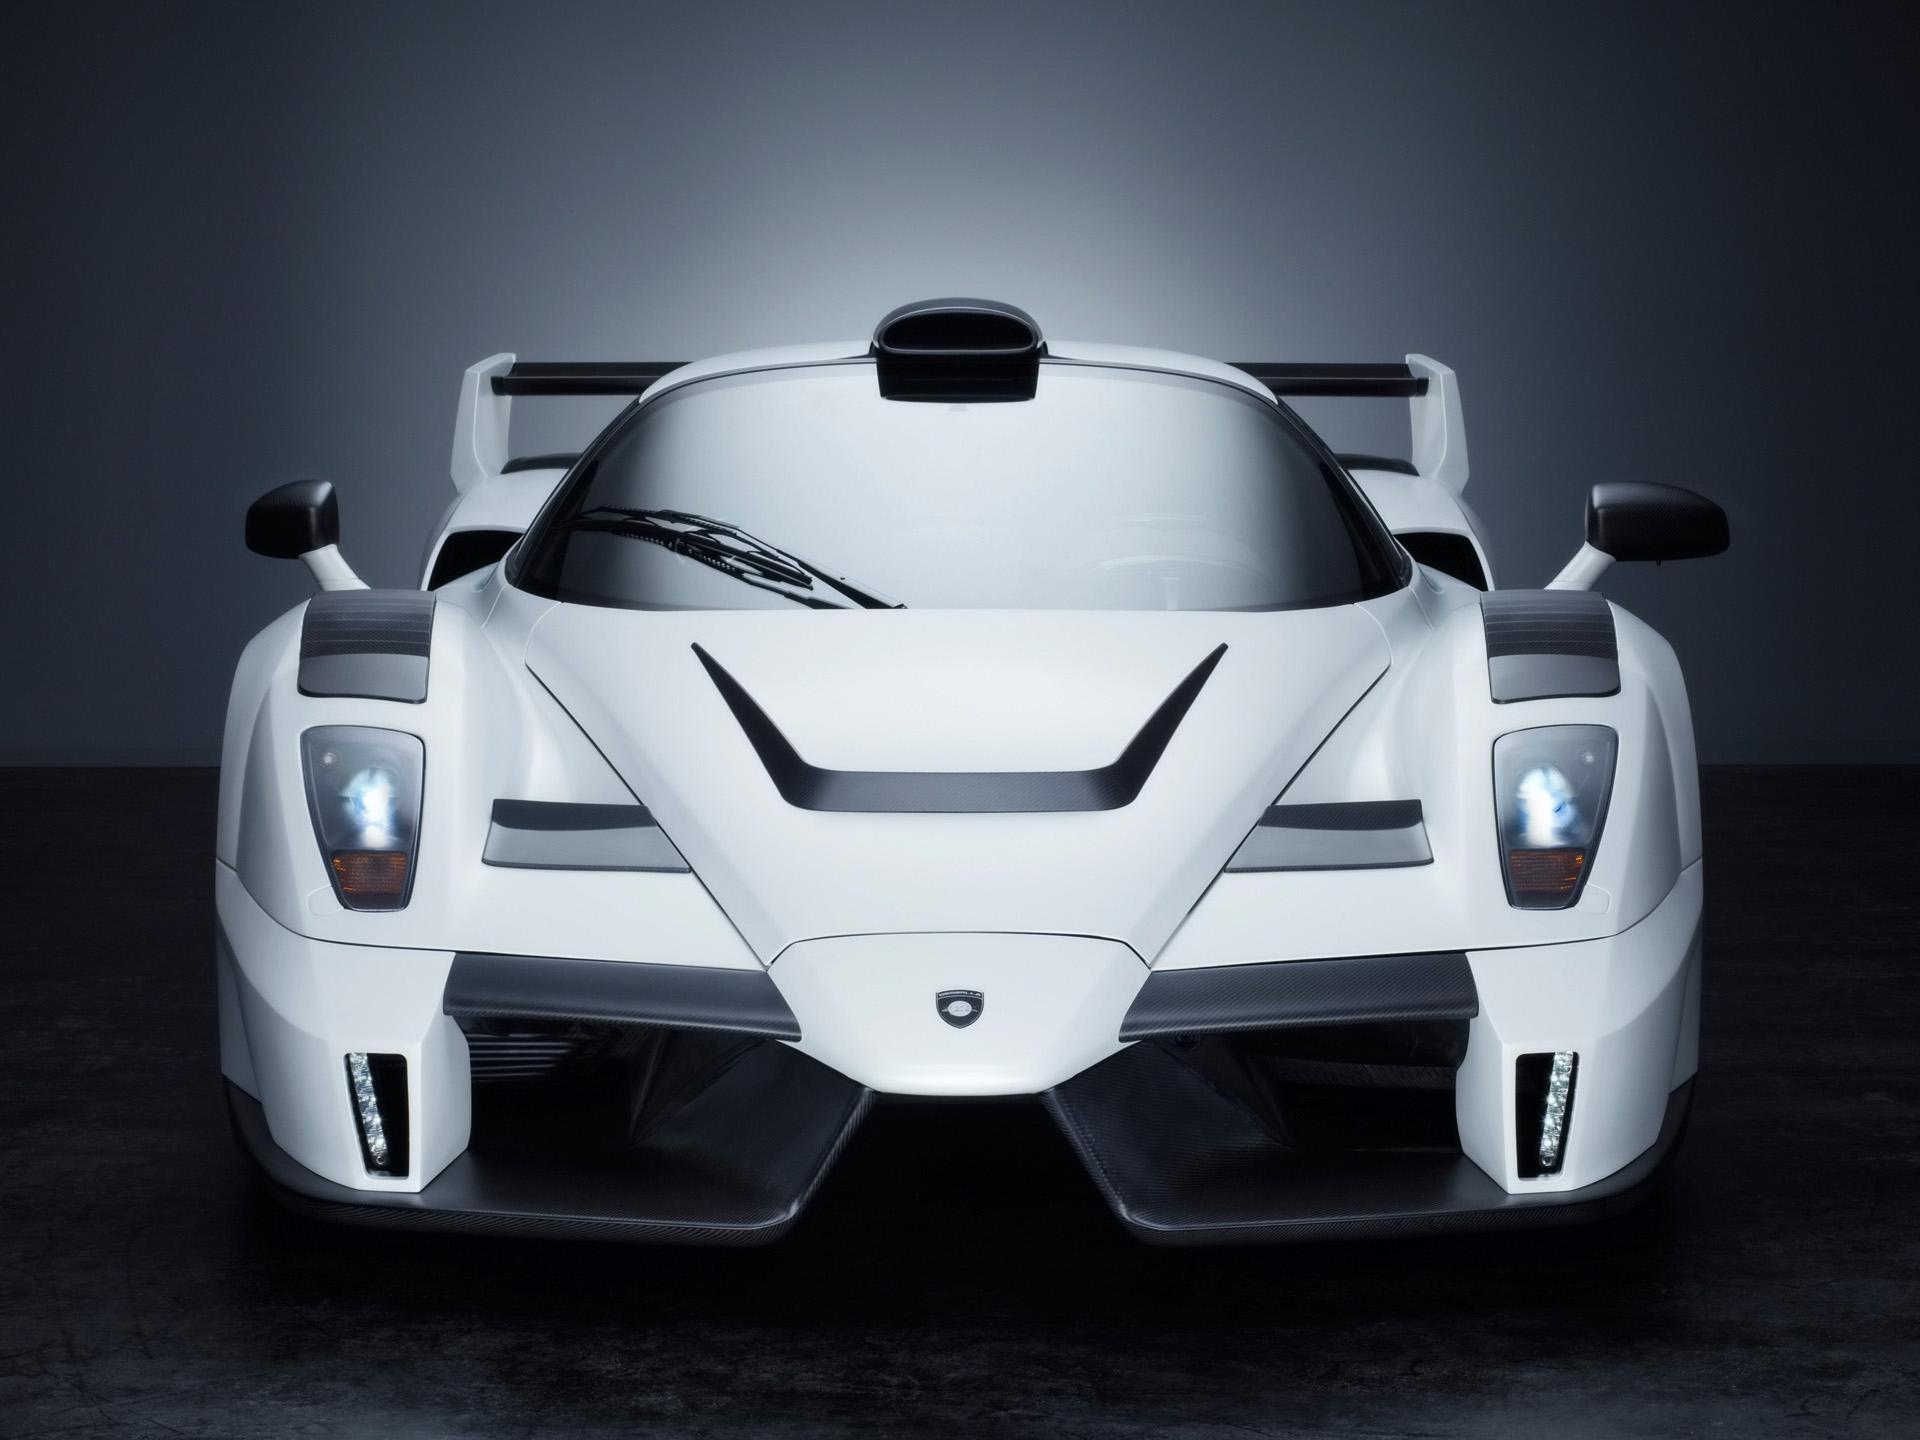 ferrari mig u1 - Ferrari Enzo 2020